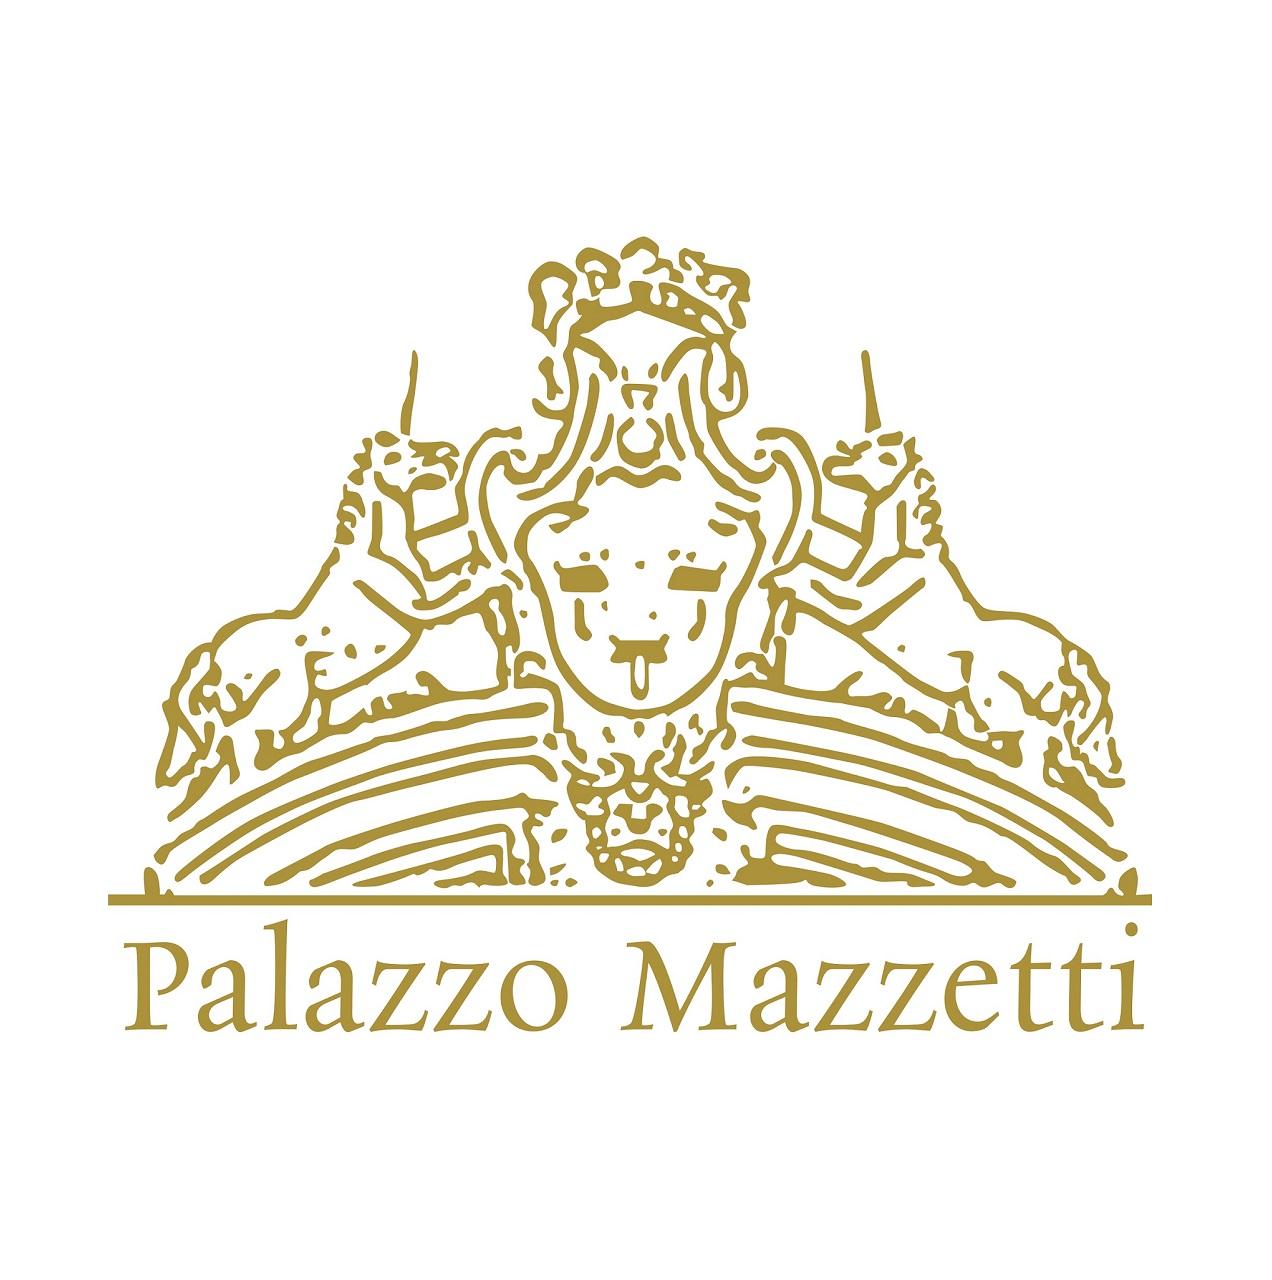 Fondazione Palazzo Mazzetti